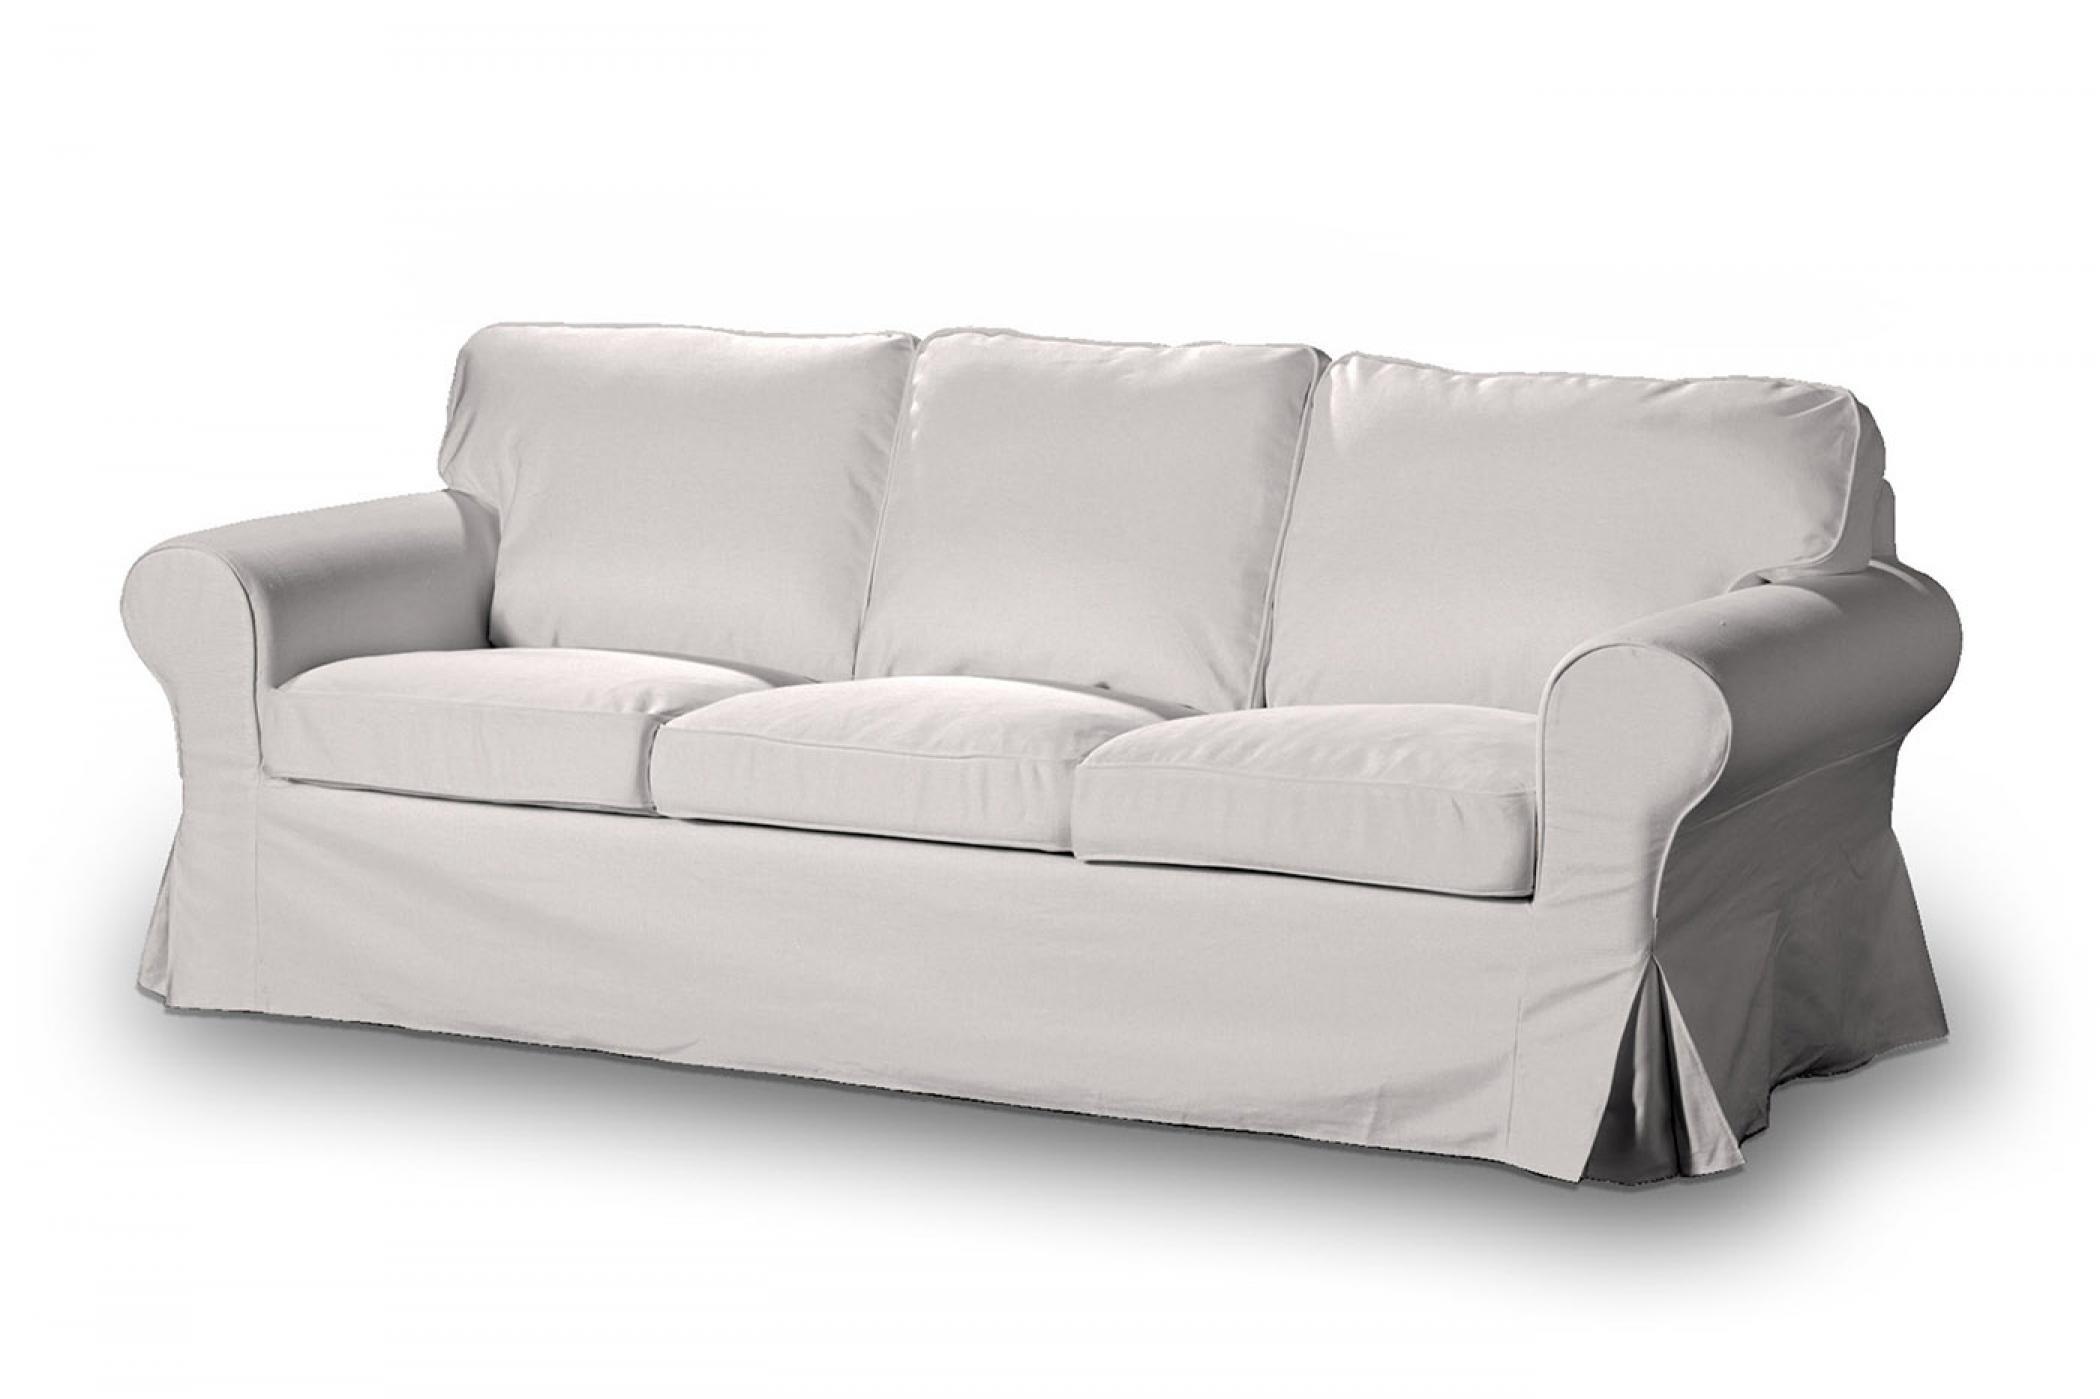 canap convertible ikea ektorp 3 places maison et mobilier d 39 int rieur. Black Bedroom Furniture Sets. Home Design Ideas